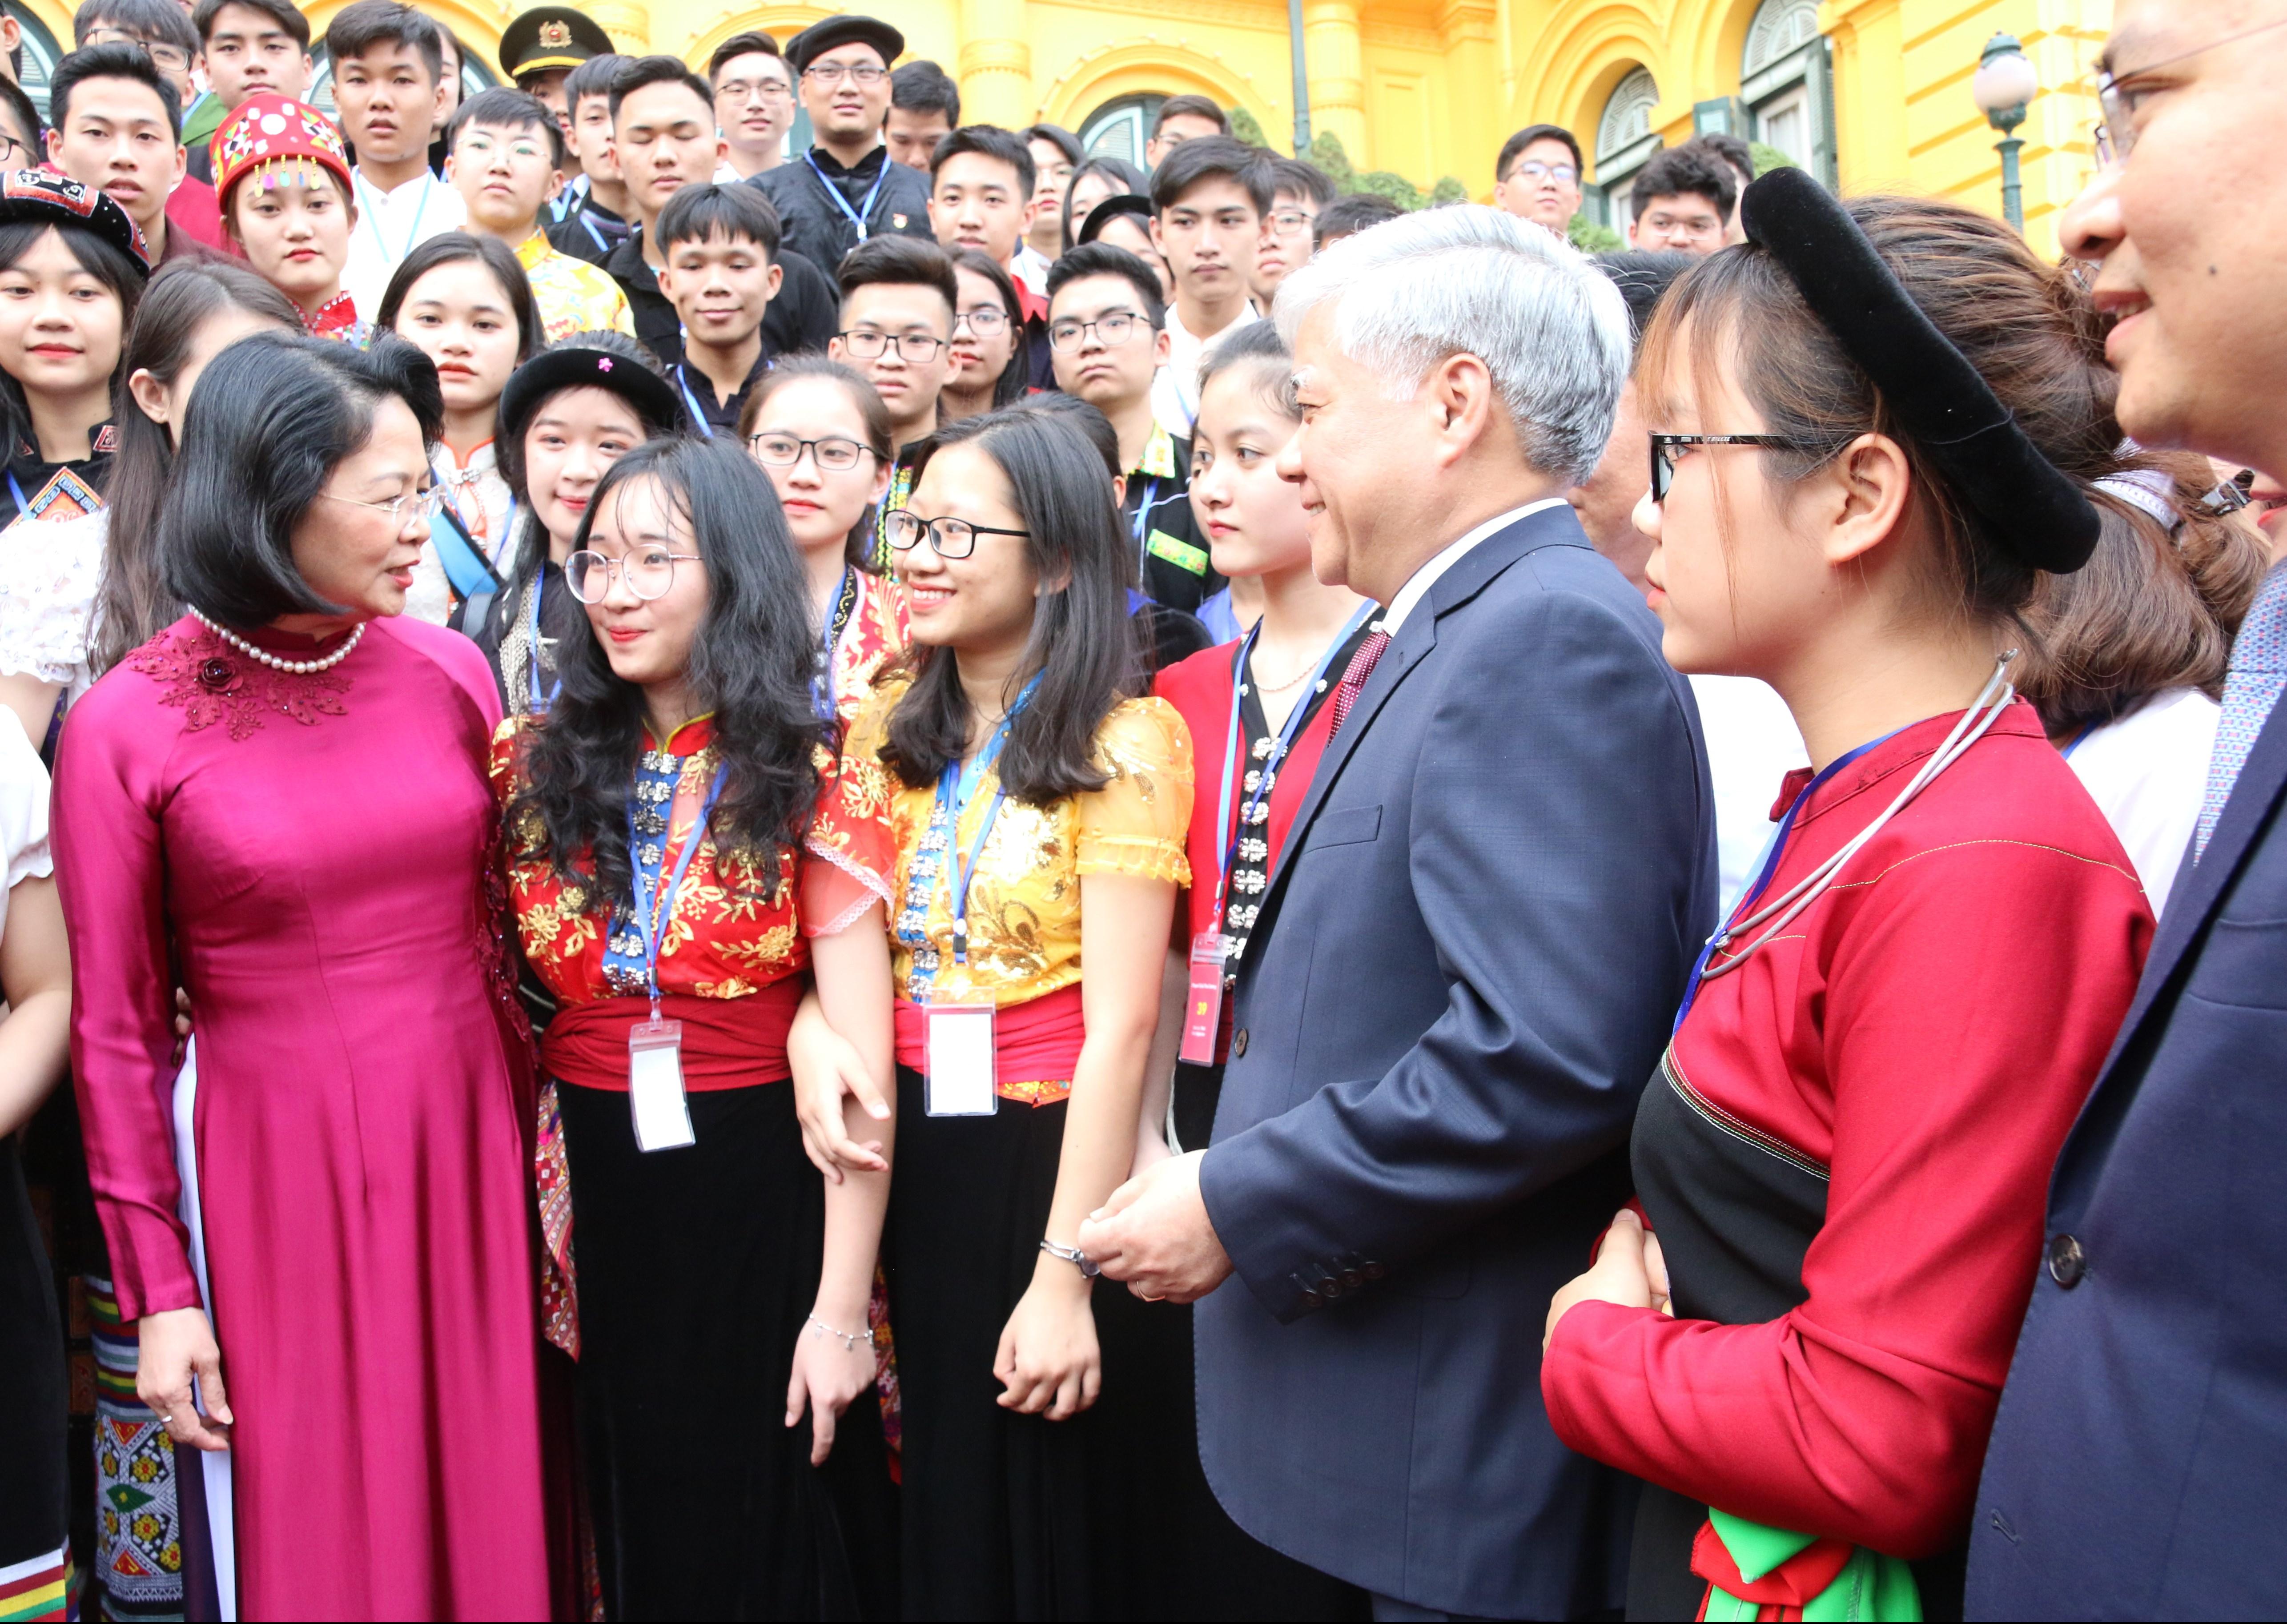 Phó Chủ tịch nước Đặng Thị Ngọc Thịnh và Bộ trưởng, Chủ nhiệm UBDT Đỗ Văn Chiến trò chuyện với các em học sinh, sinh viên, thanh niên DTTS xuất sắc, tiêu biểu năm 2019